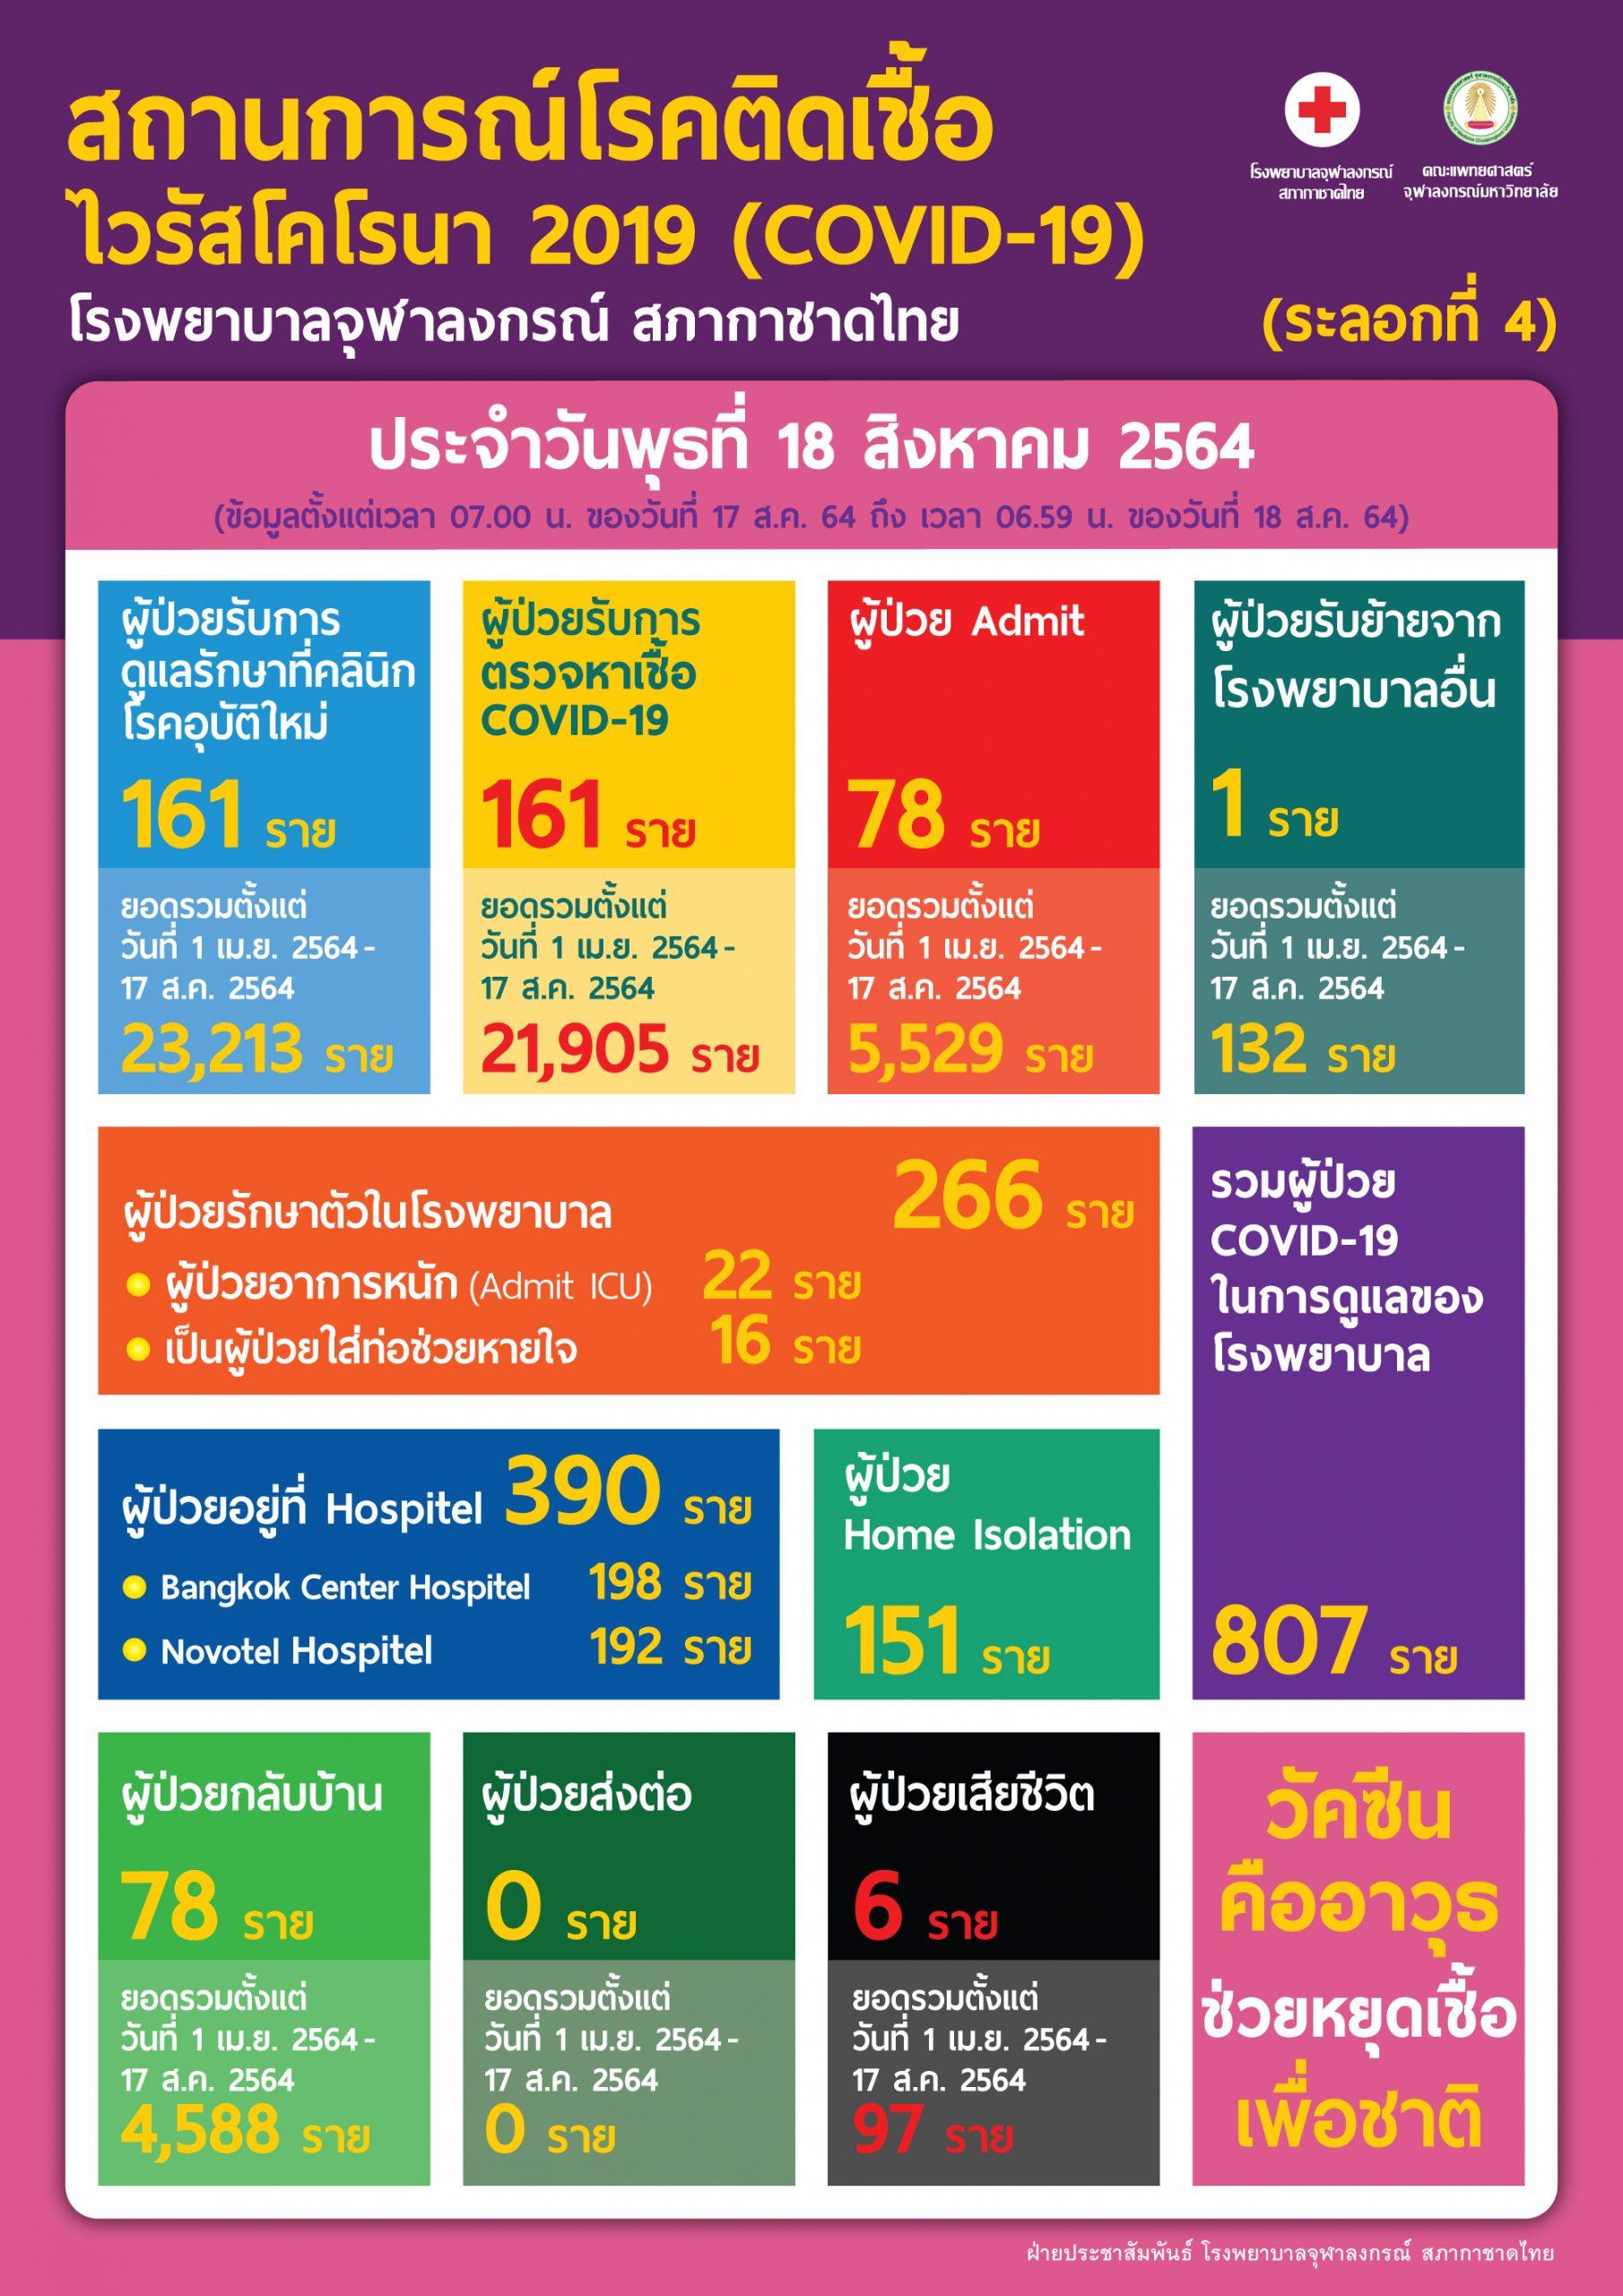 สถานการณ์โรคติดเชื้อไวรัสโคโรนา 2019 (COVID-19) (ระลอกที่ 4) โรงพยาบาลจุฬาลงกรณ์ สภากาชาดไทย  ประจำวันพุธที่ 18 สิงหาคม 2564